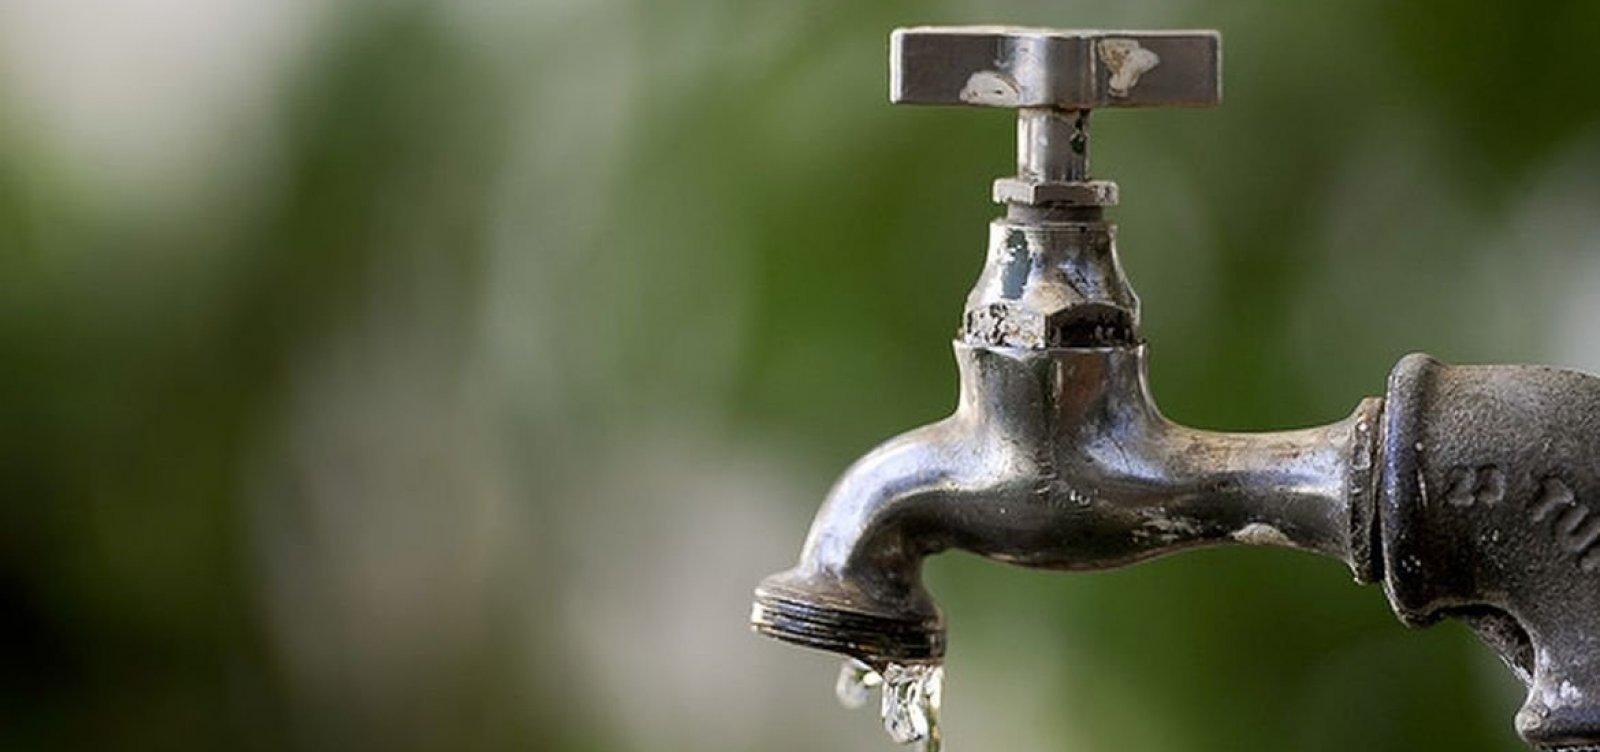 Embasa retoma fornecimento de água em bairros de Salvador